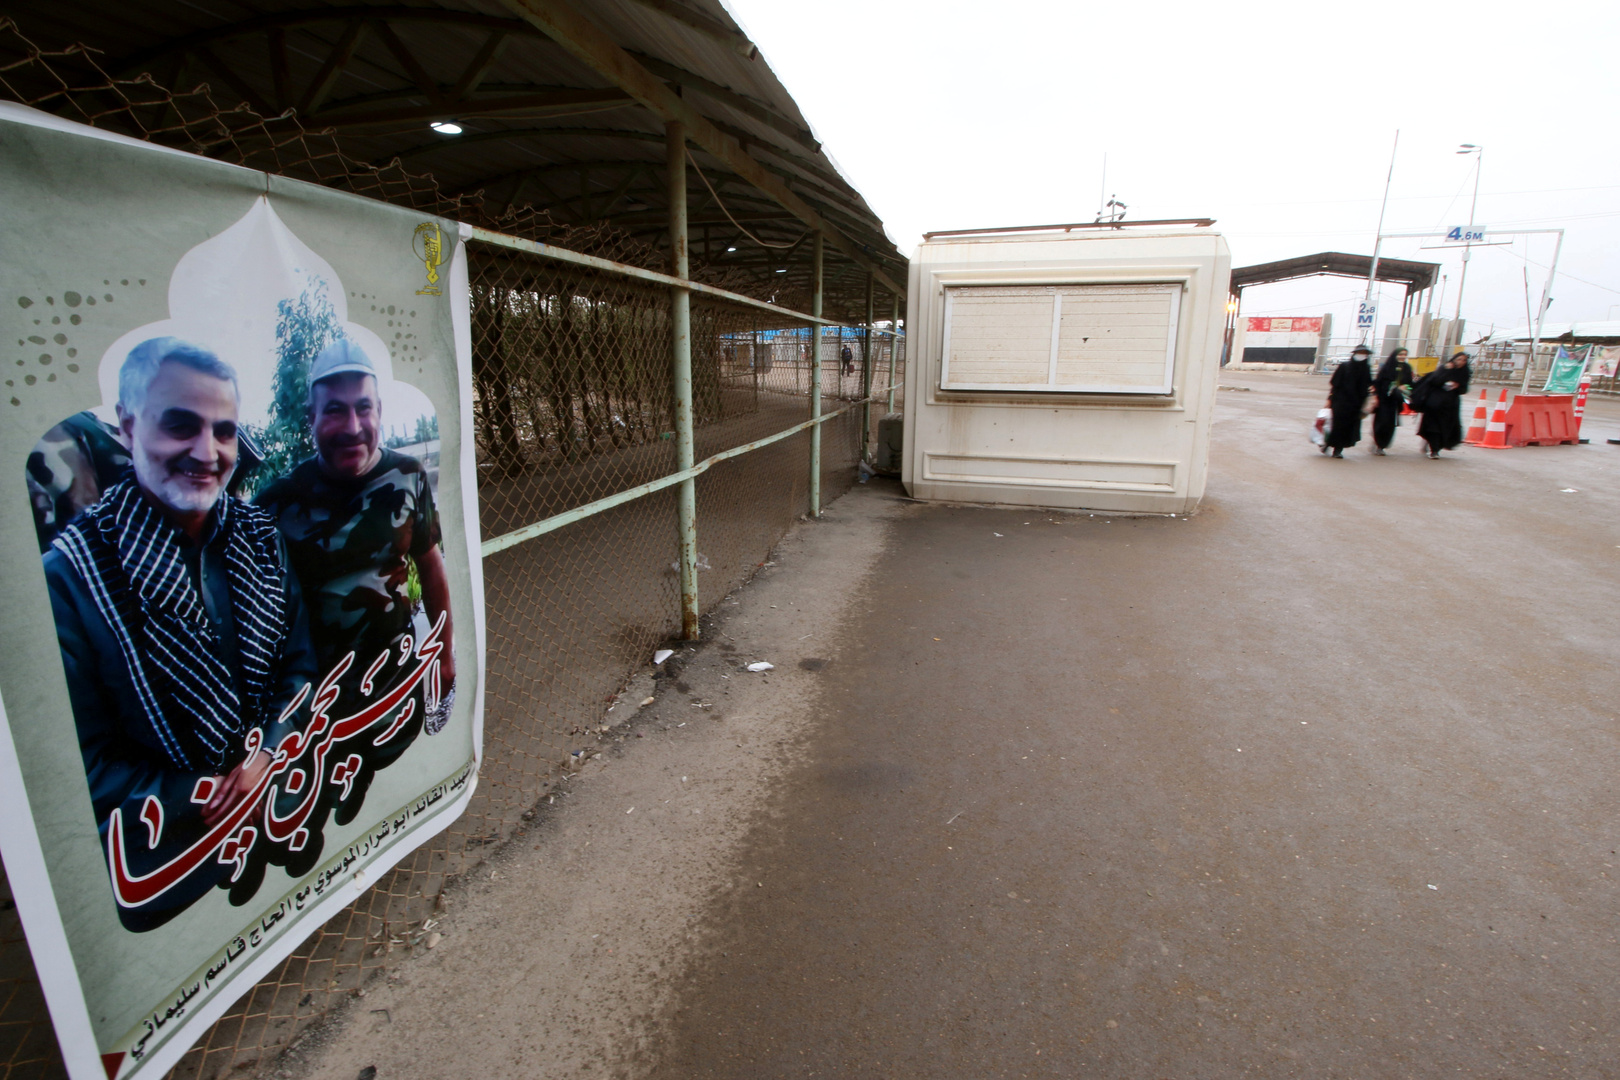 فرنسا بعد اغتيال سليماني: أولويتنا استقرار المنطقة